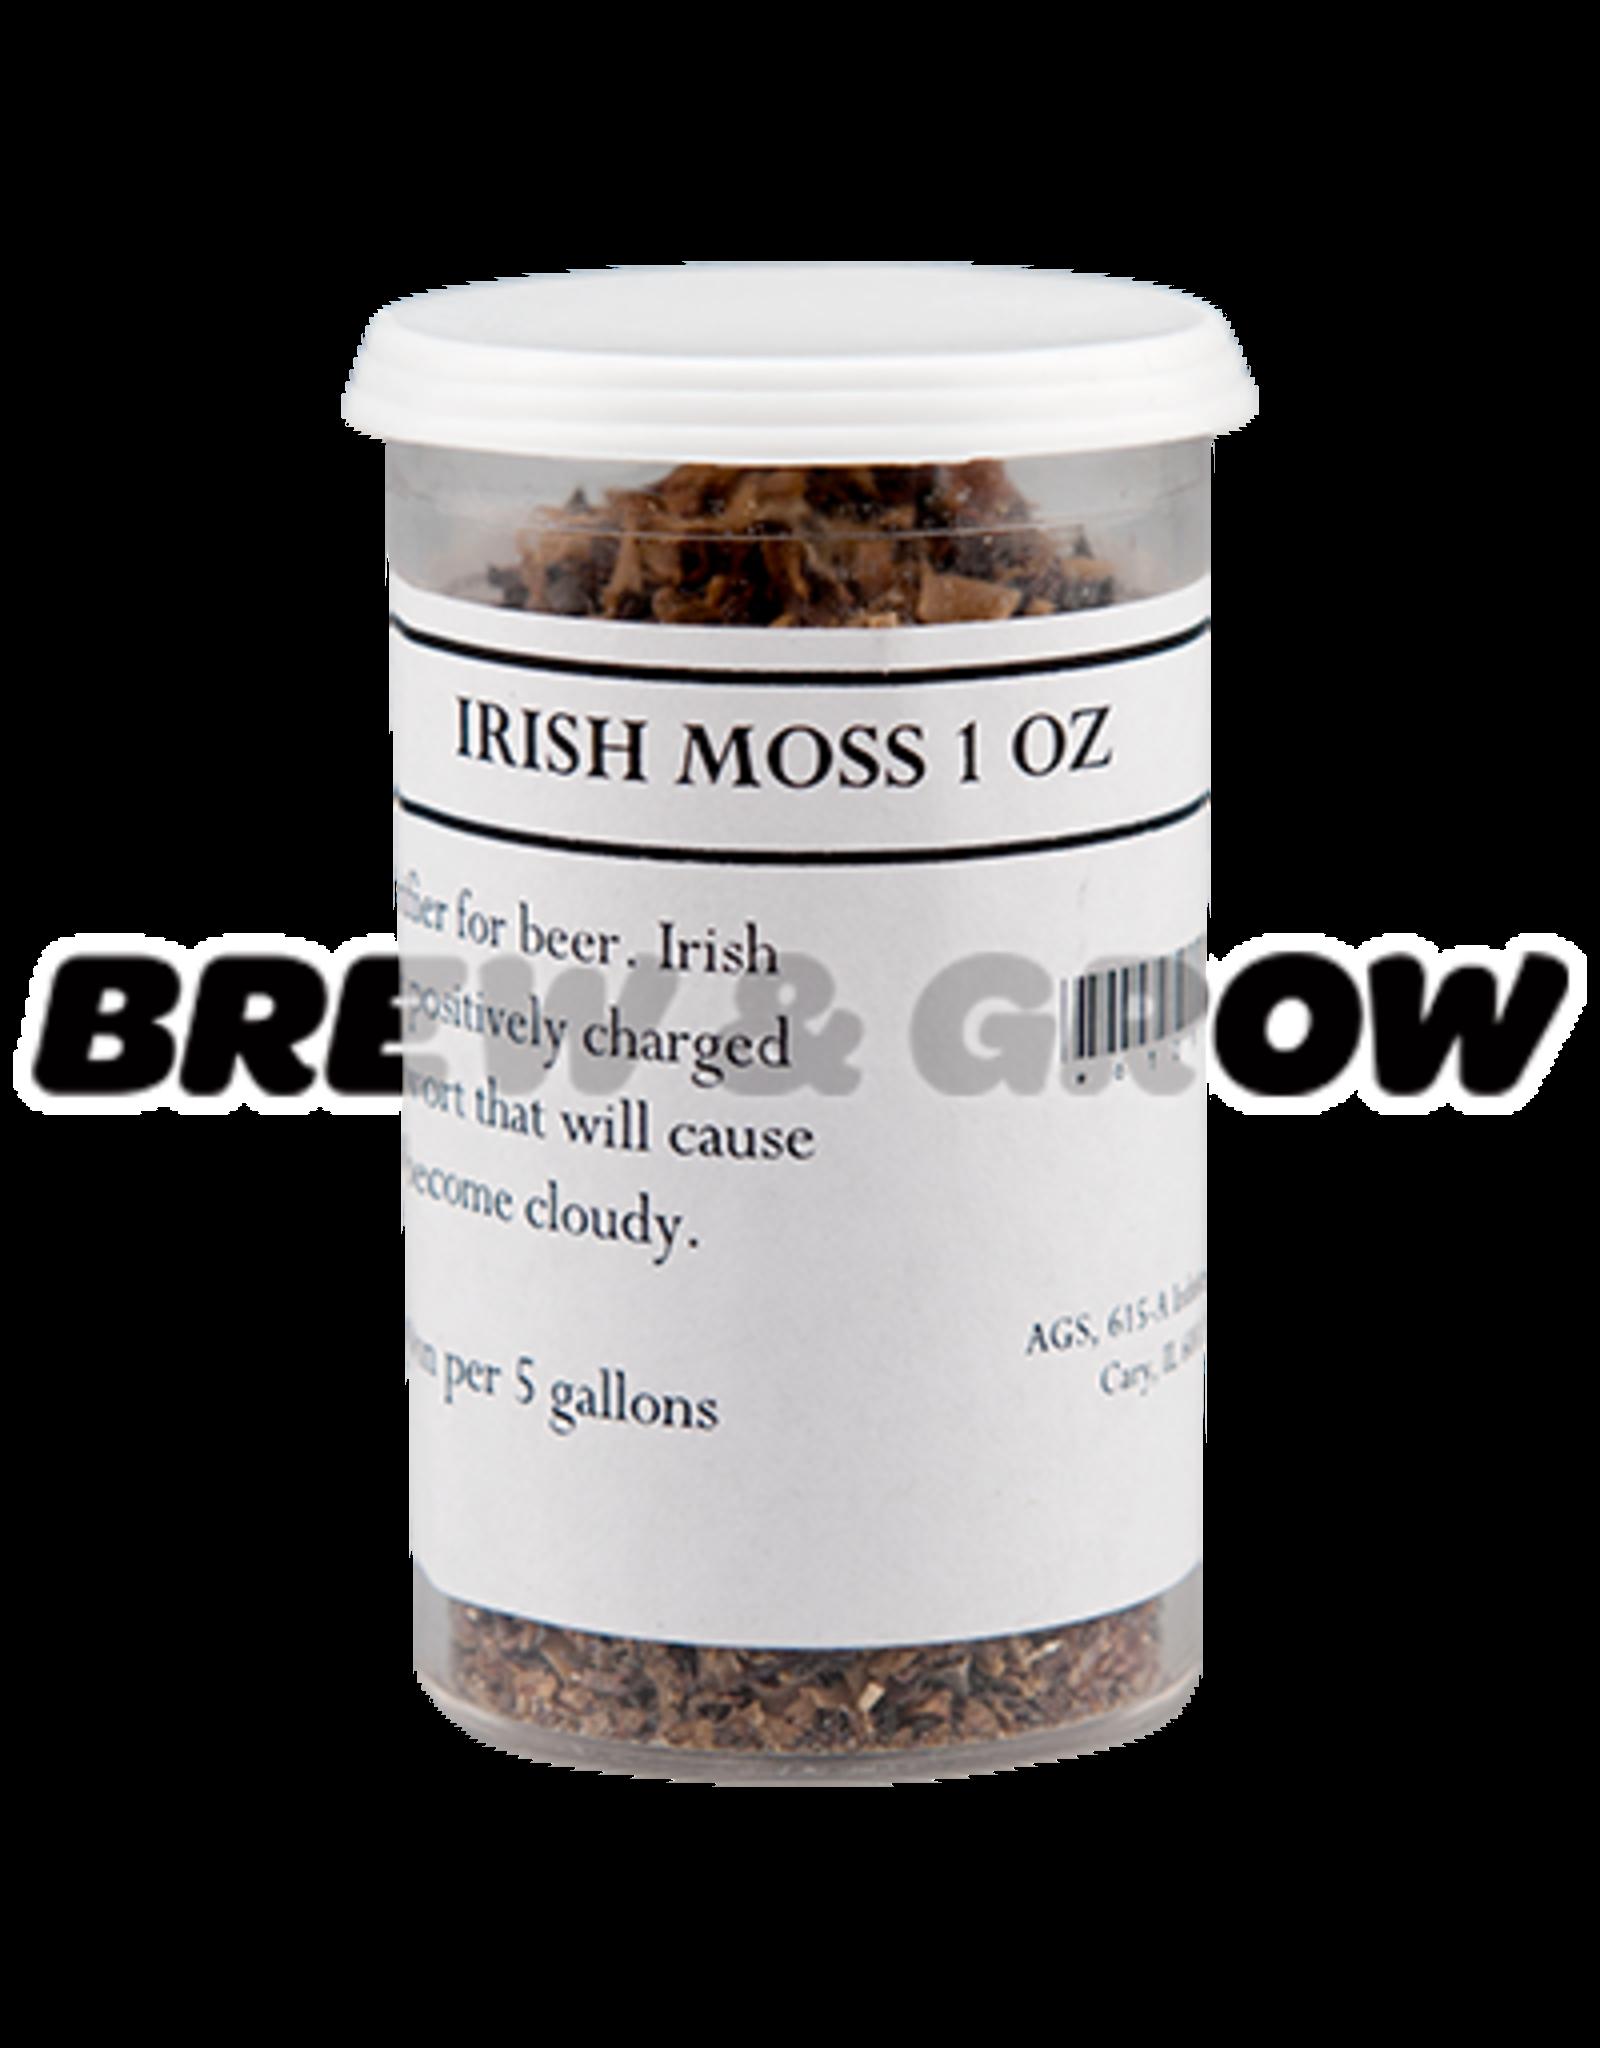 Irish Moss 1 oz